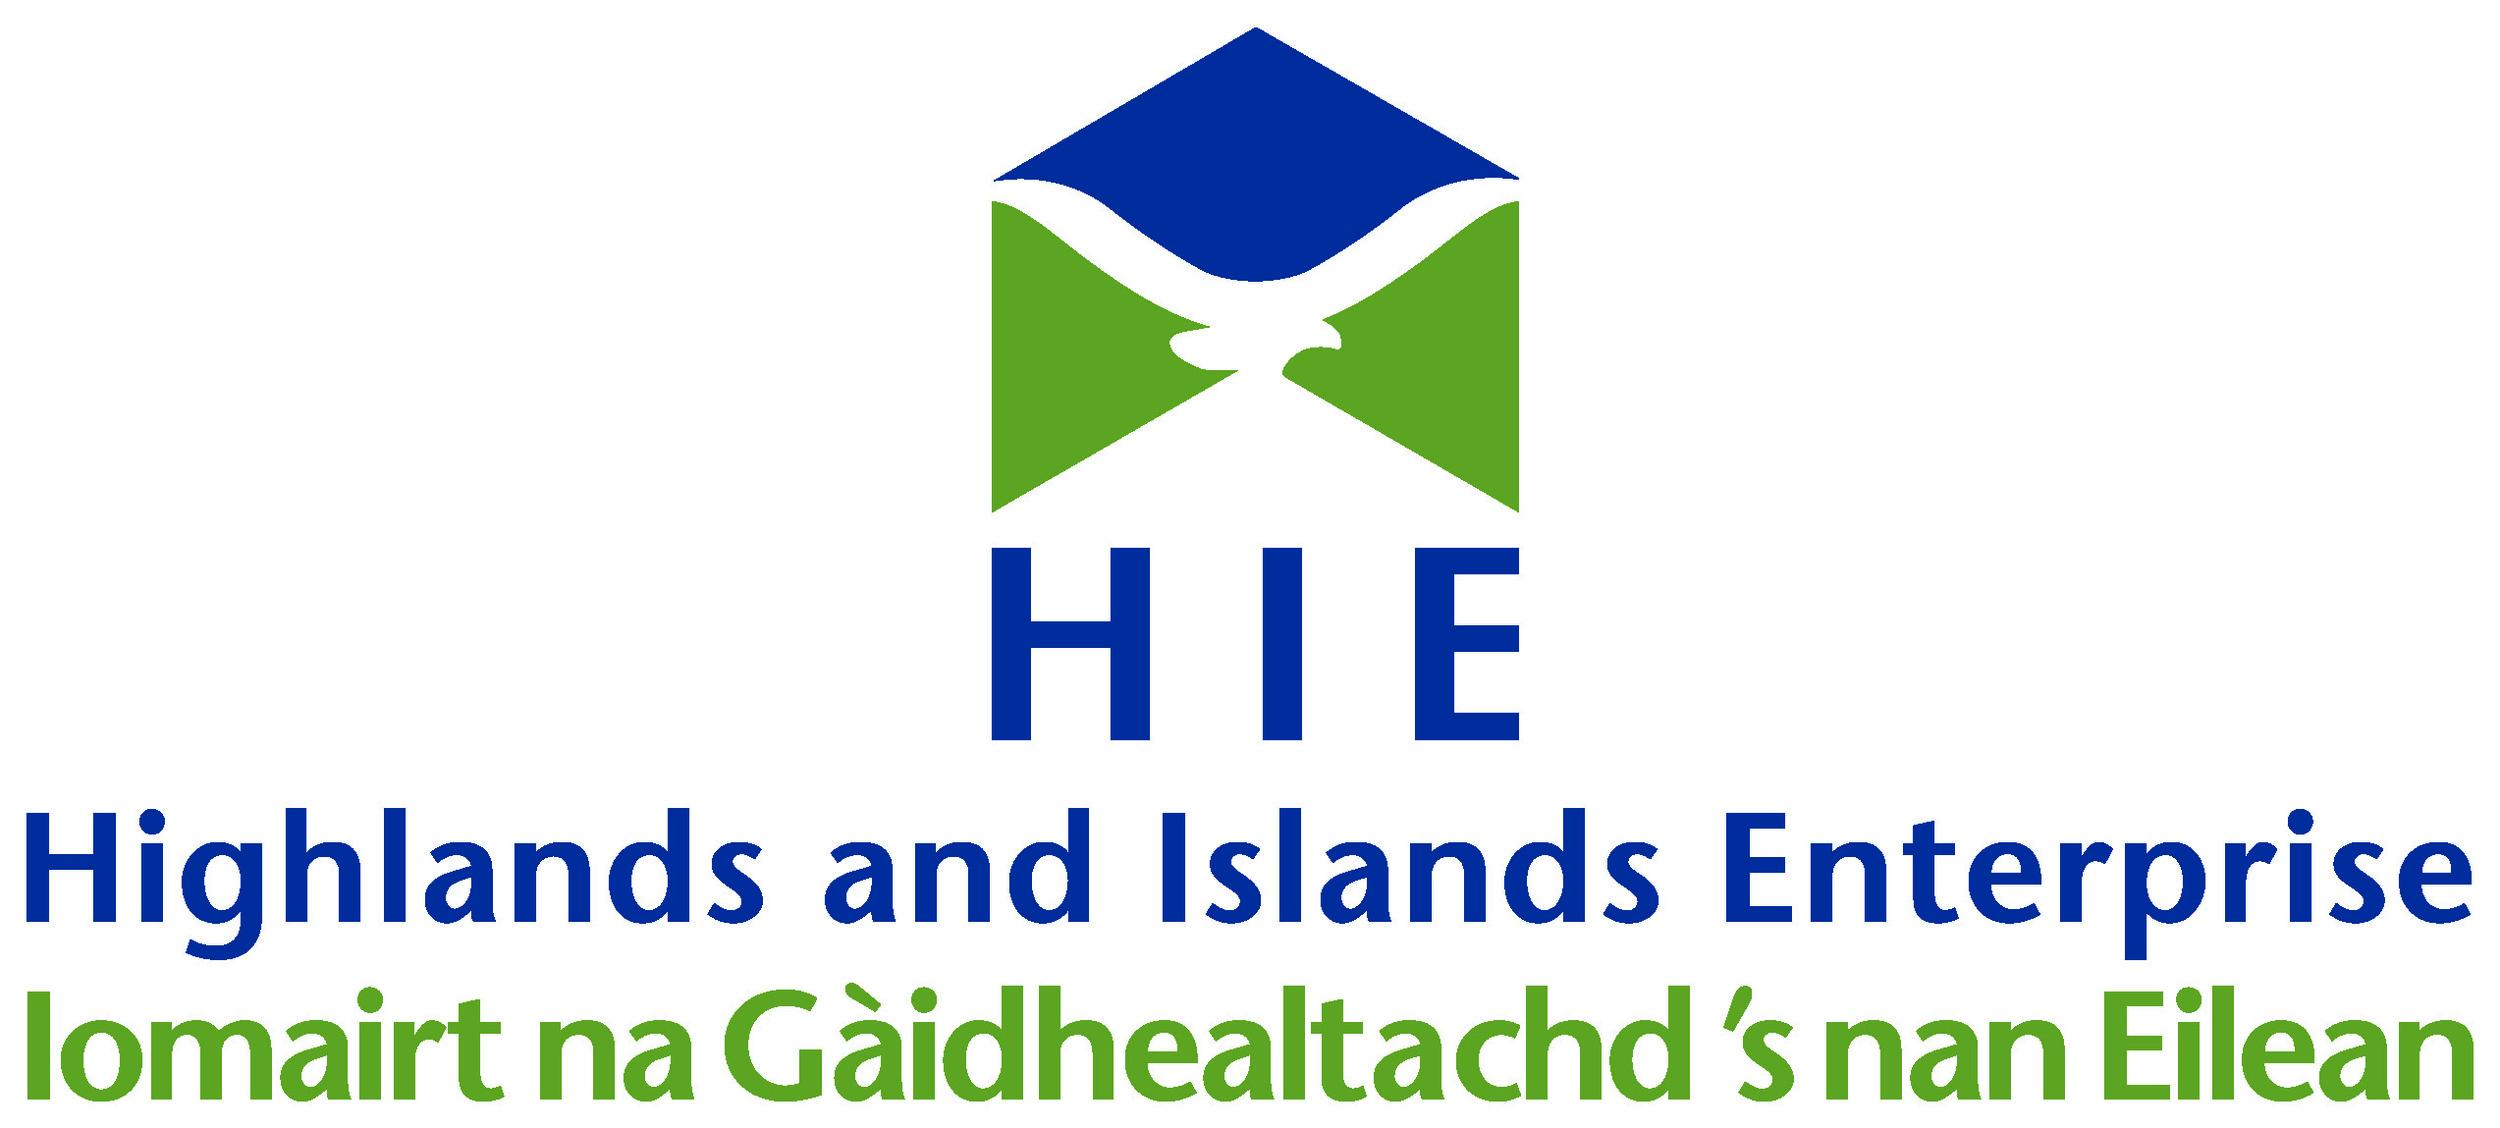 Highlands and Islands Enterprise (HIE)